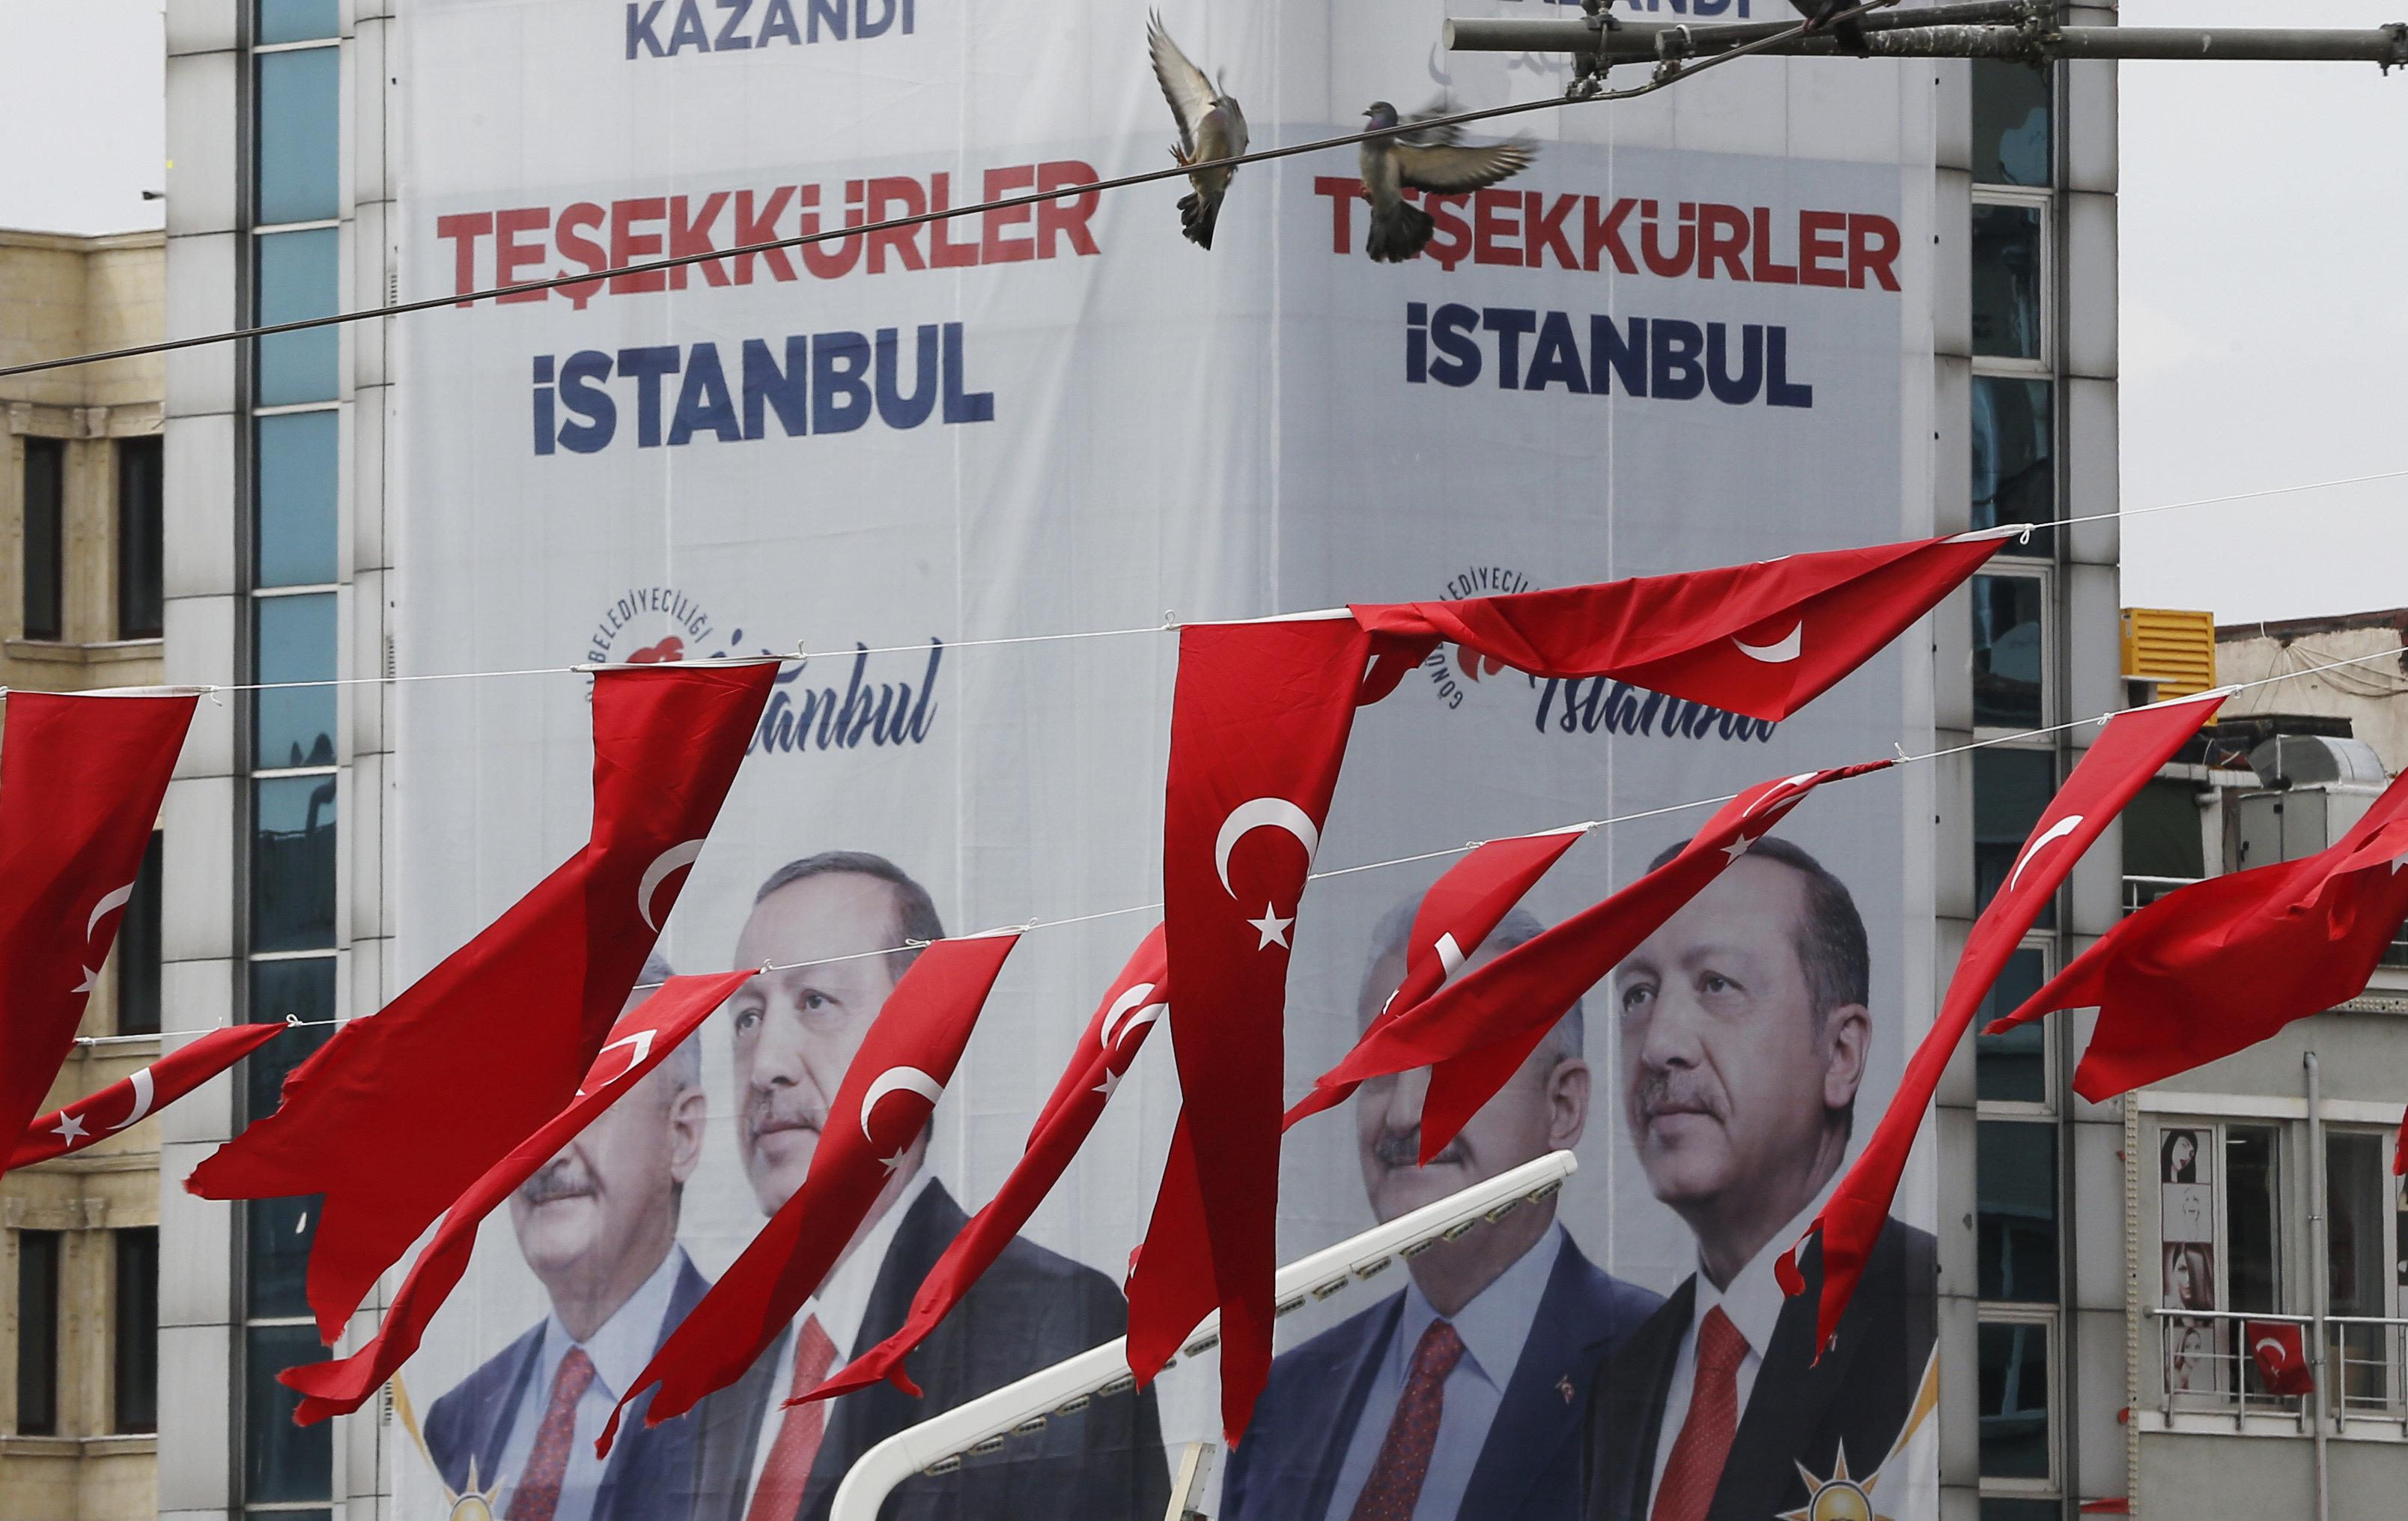 Το κόμμα του Ερντογάν δεσμεύεται να σεβαστεί το αποτέλεσμα της επανακαταμέτρησης στην